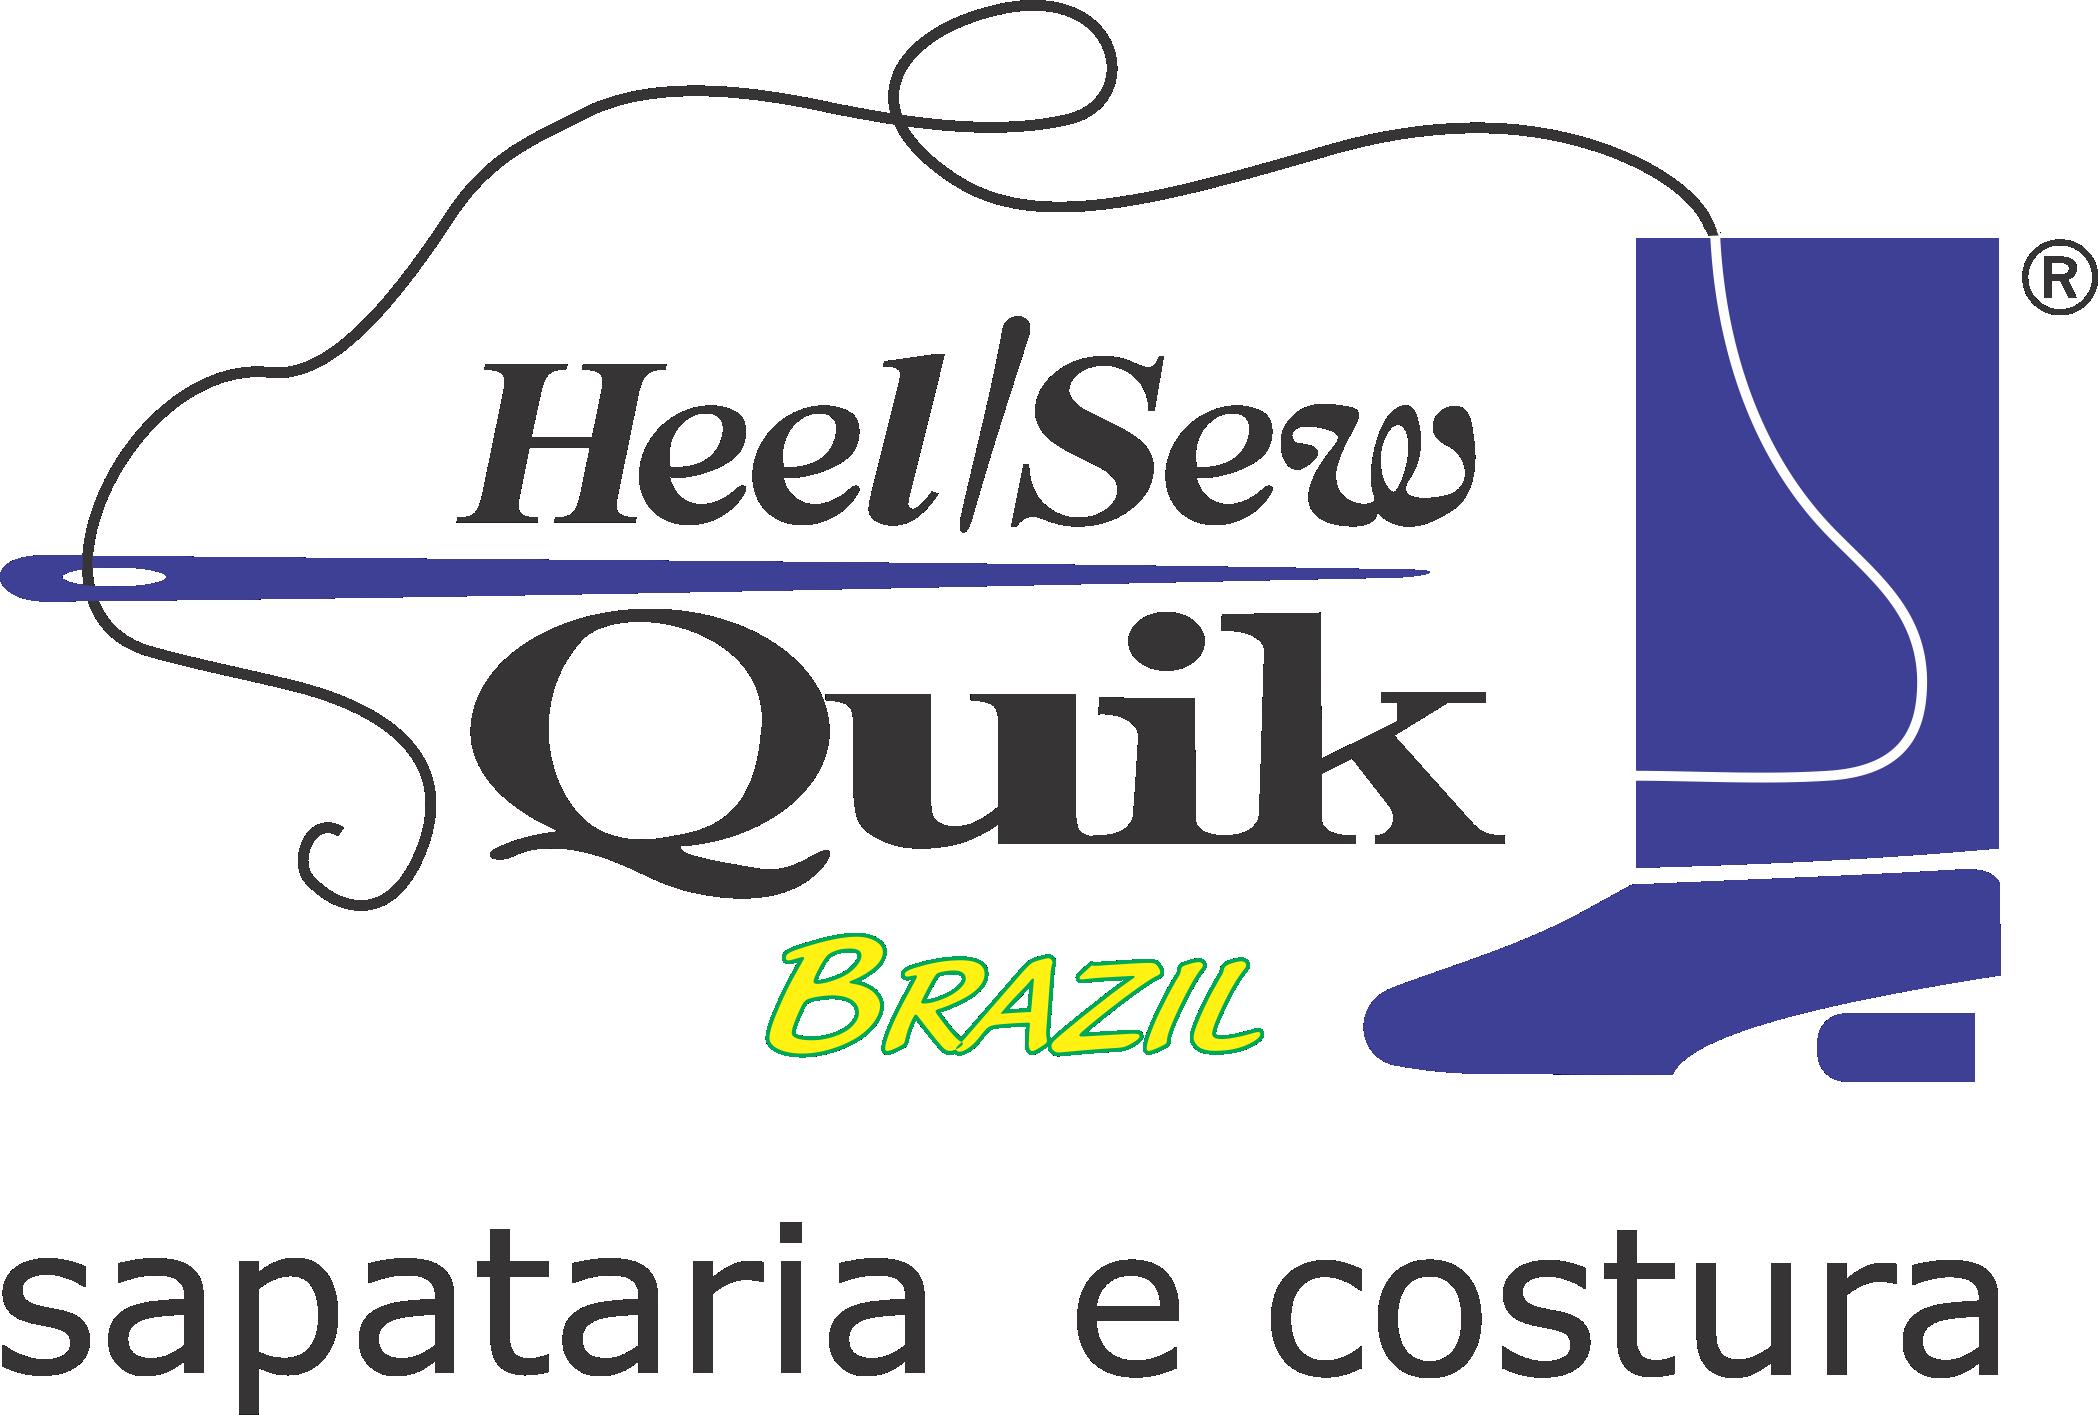 logomarca Heel Quik